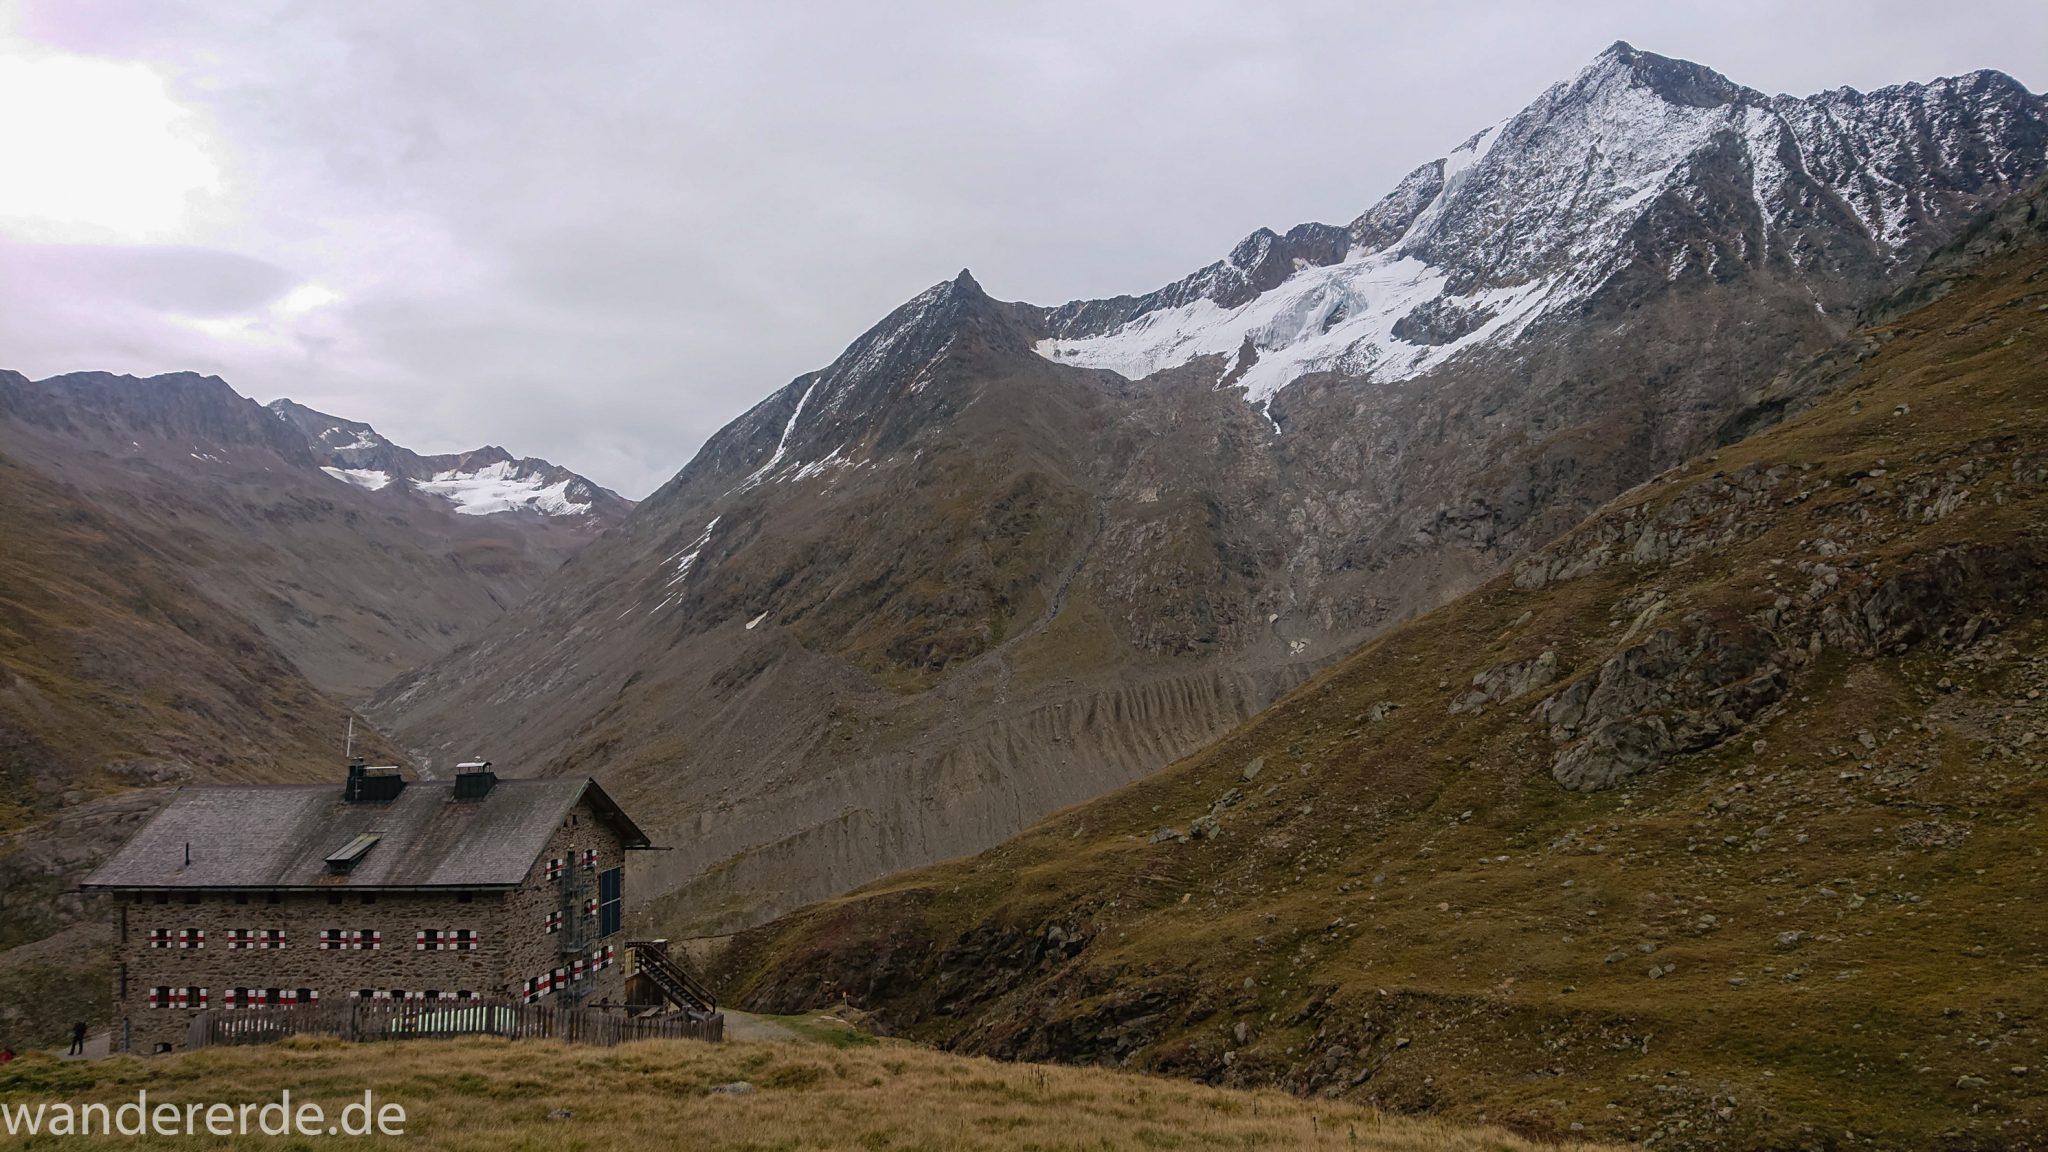 Alpenüberquerung Fernwanderweg E5 Oberstdorf Meran, 6. Etappe von Martin-Busch-Hütte nach Vernagt / Meran, Blick auf Martin-Busch-Hütte und umliegende sehr beeindruckende Berge, teils mit Schnee bedeckt